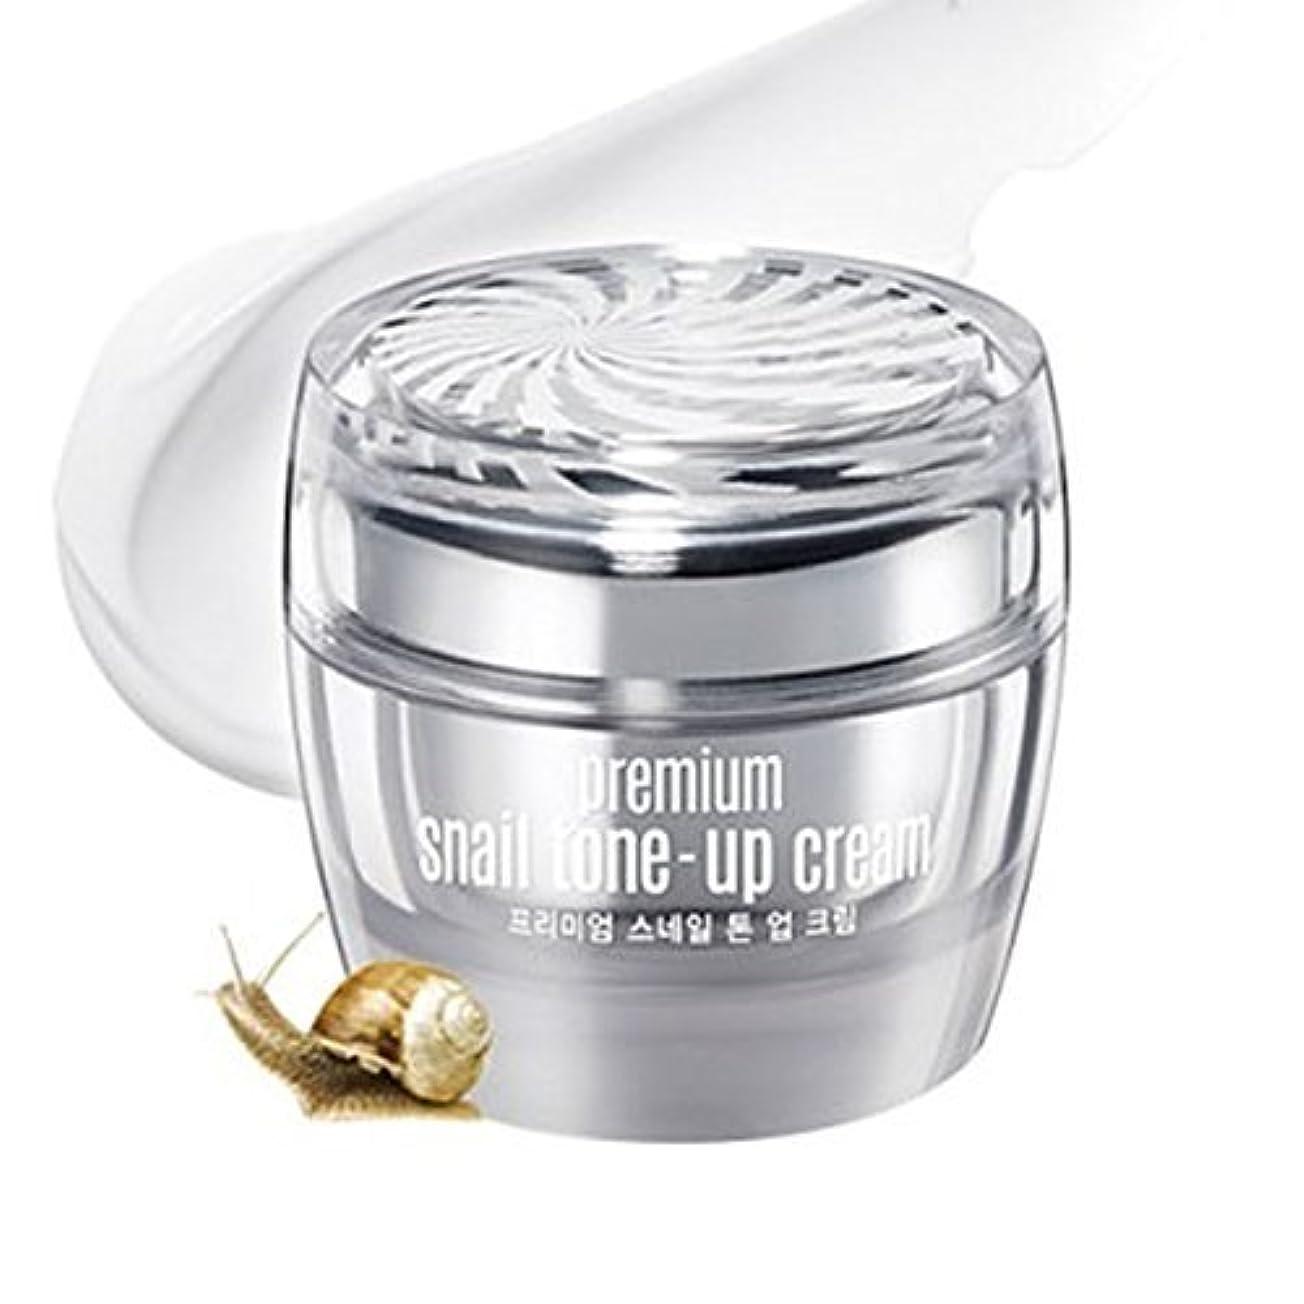 肥沃な年金受給者遊具グーダル プレミアム スネイル トーンアップ クリーム CLIO Goodal Premium Snail Tone Up Whitening Cream 50ml(1.69oz)/Korea Cosmetic [並行輸入品]